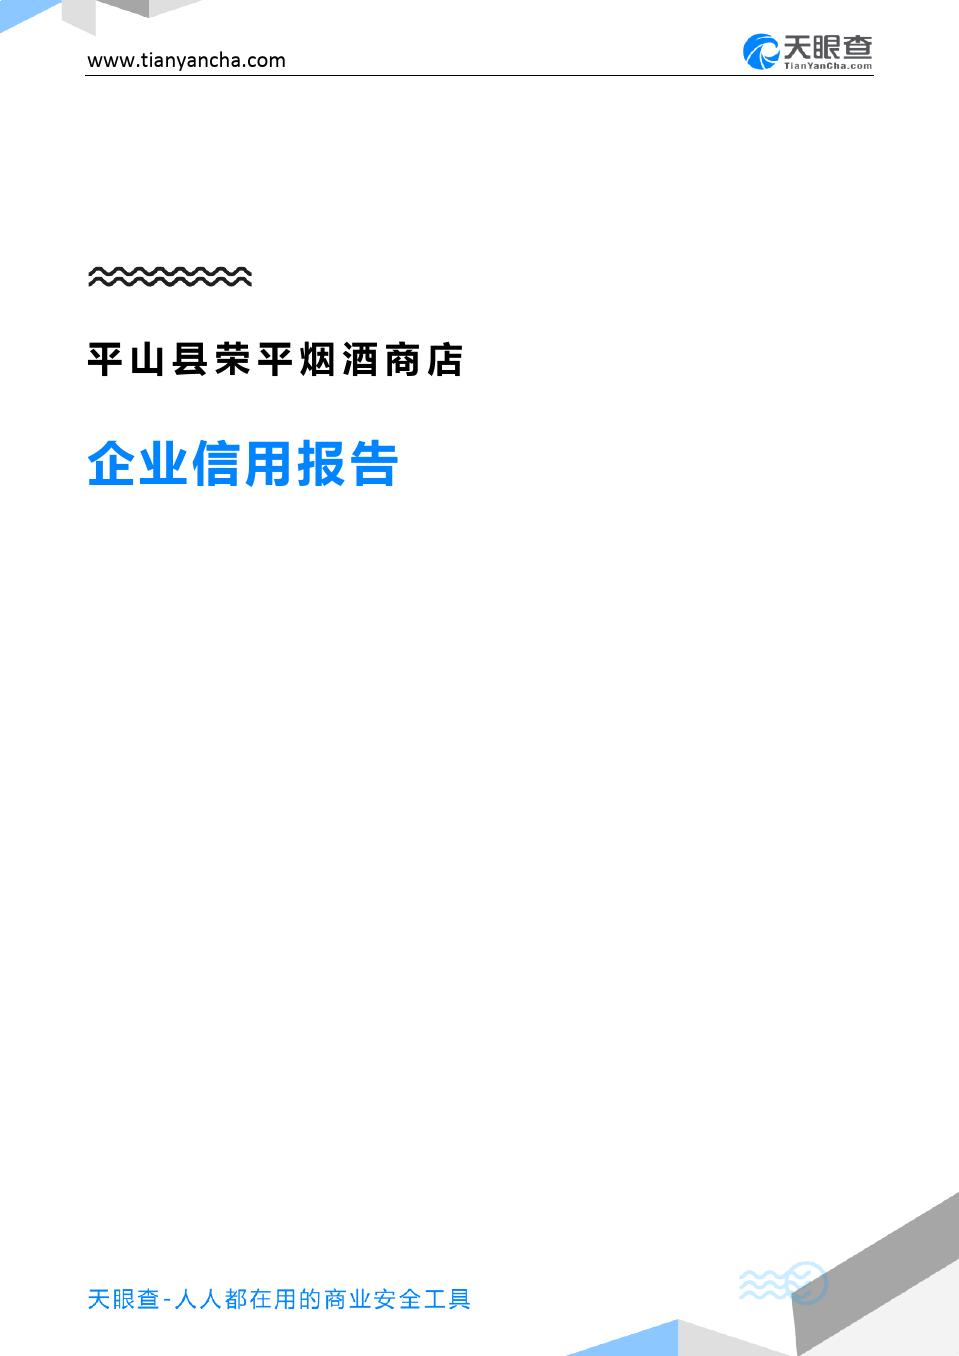 平山县荣平烟酒商店(企业信用报告)- 天眼查